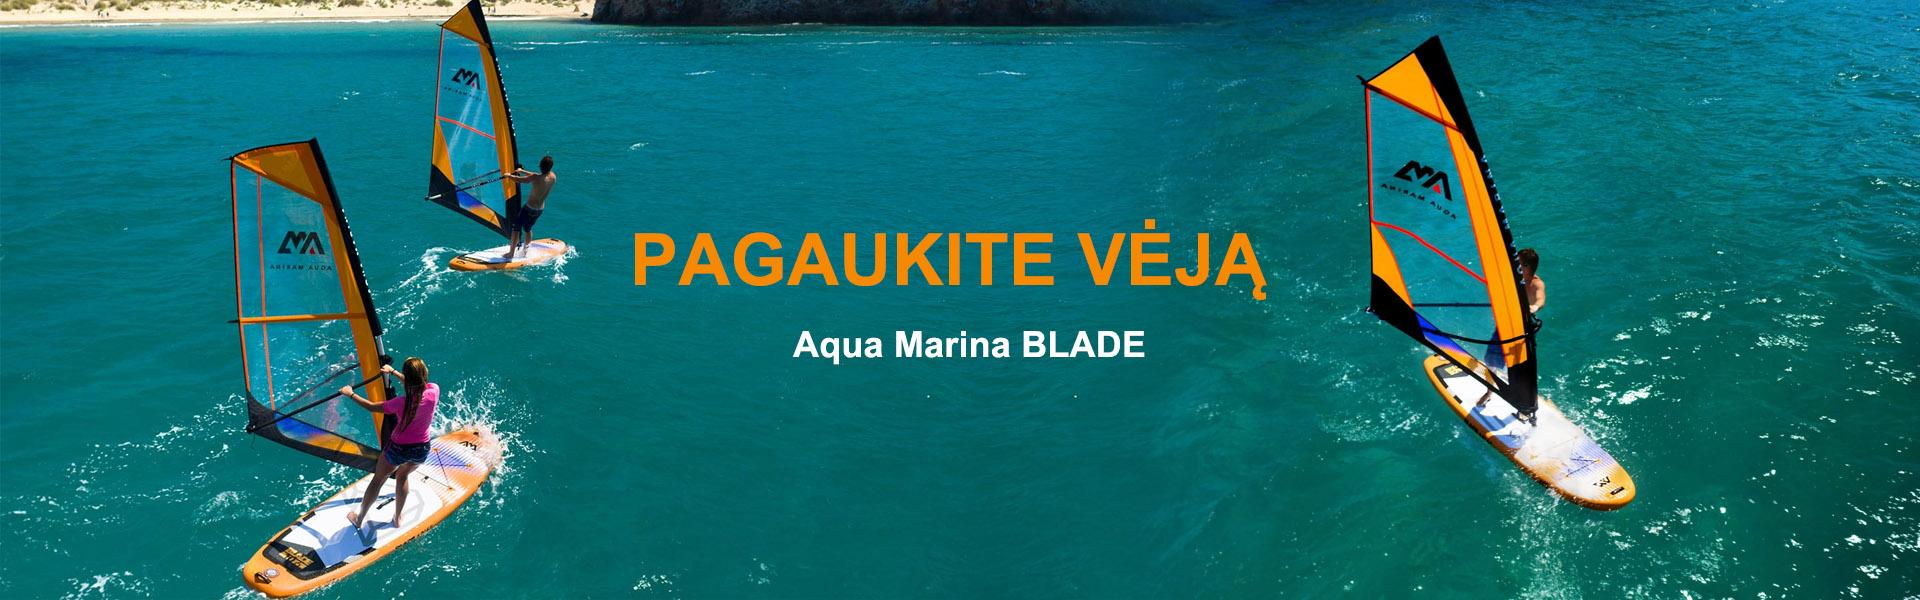 Burlentė Aqua Marina BLADE